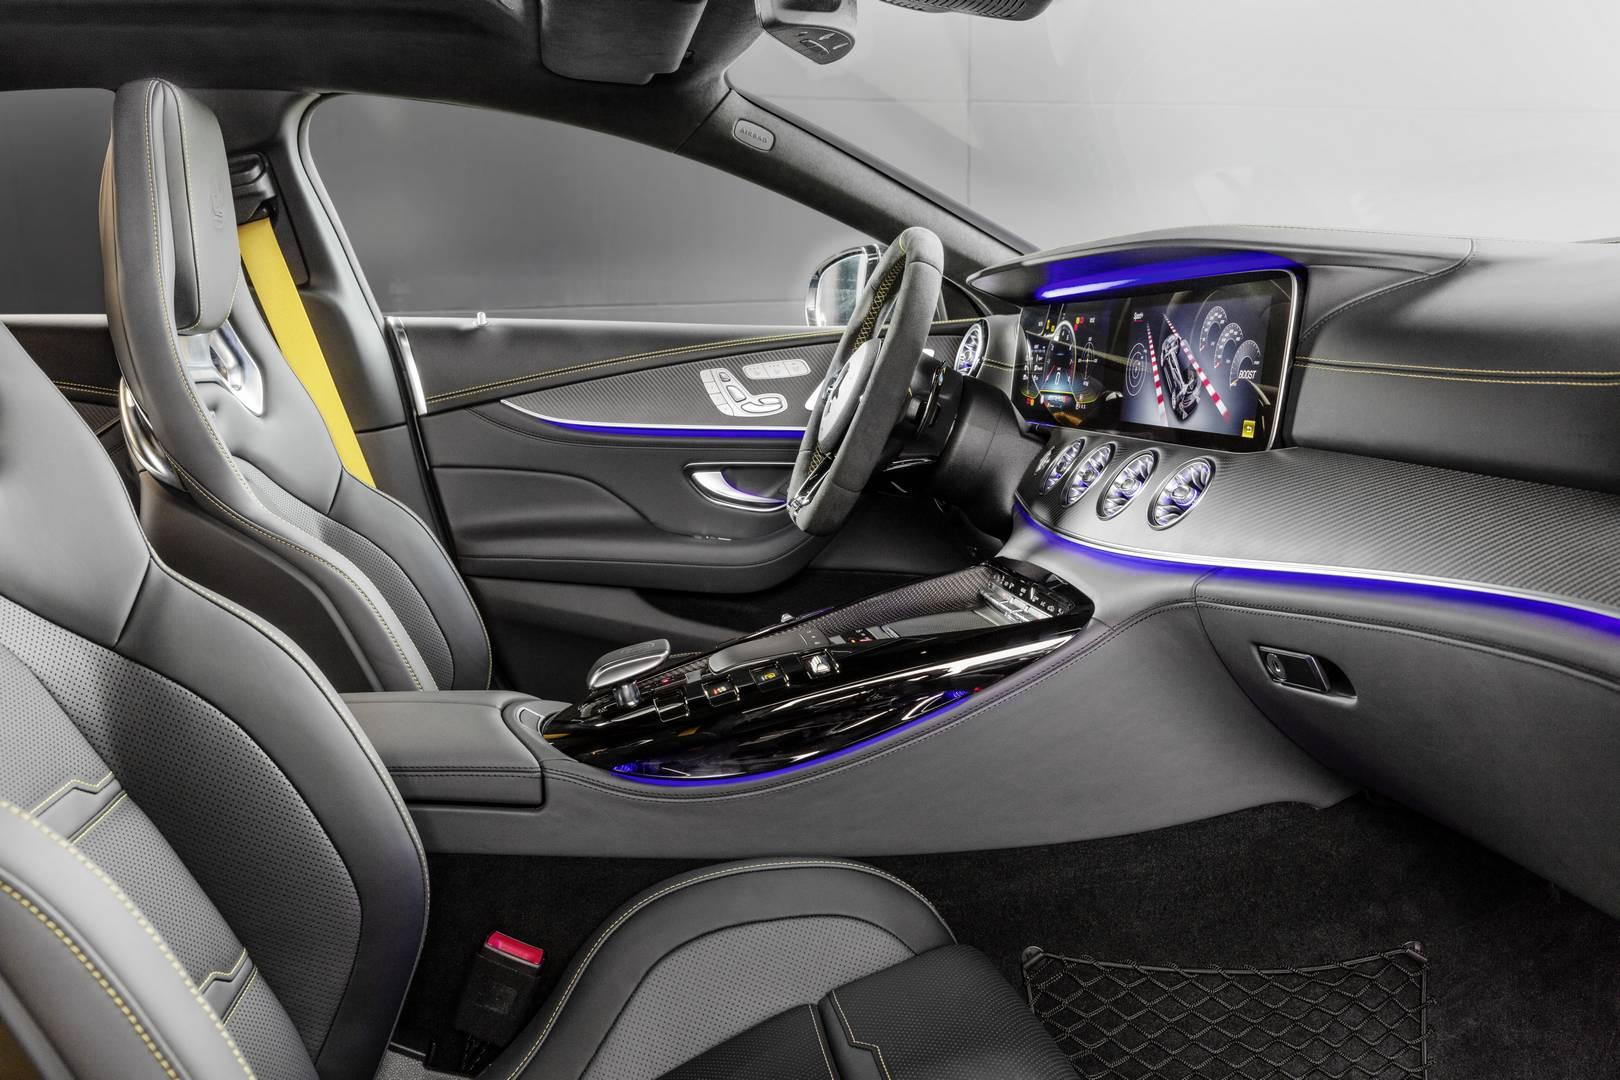 Ограниченный тираж модели доступен исключительно как Mercedes-AMG GT 63 S 4MATIC+, что означает, что он получает 4-литровый би-турбо V8 мощностью 639 л.с. Его максимальная скорость составляет 315 км/ч и разгон до 100 км/ч всего 3,2 секунды.